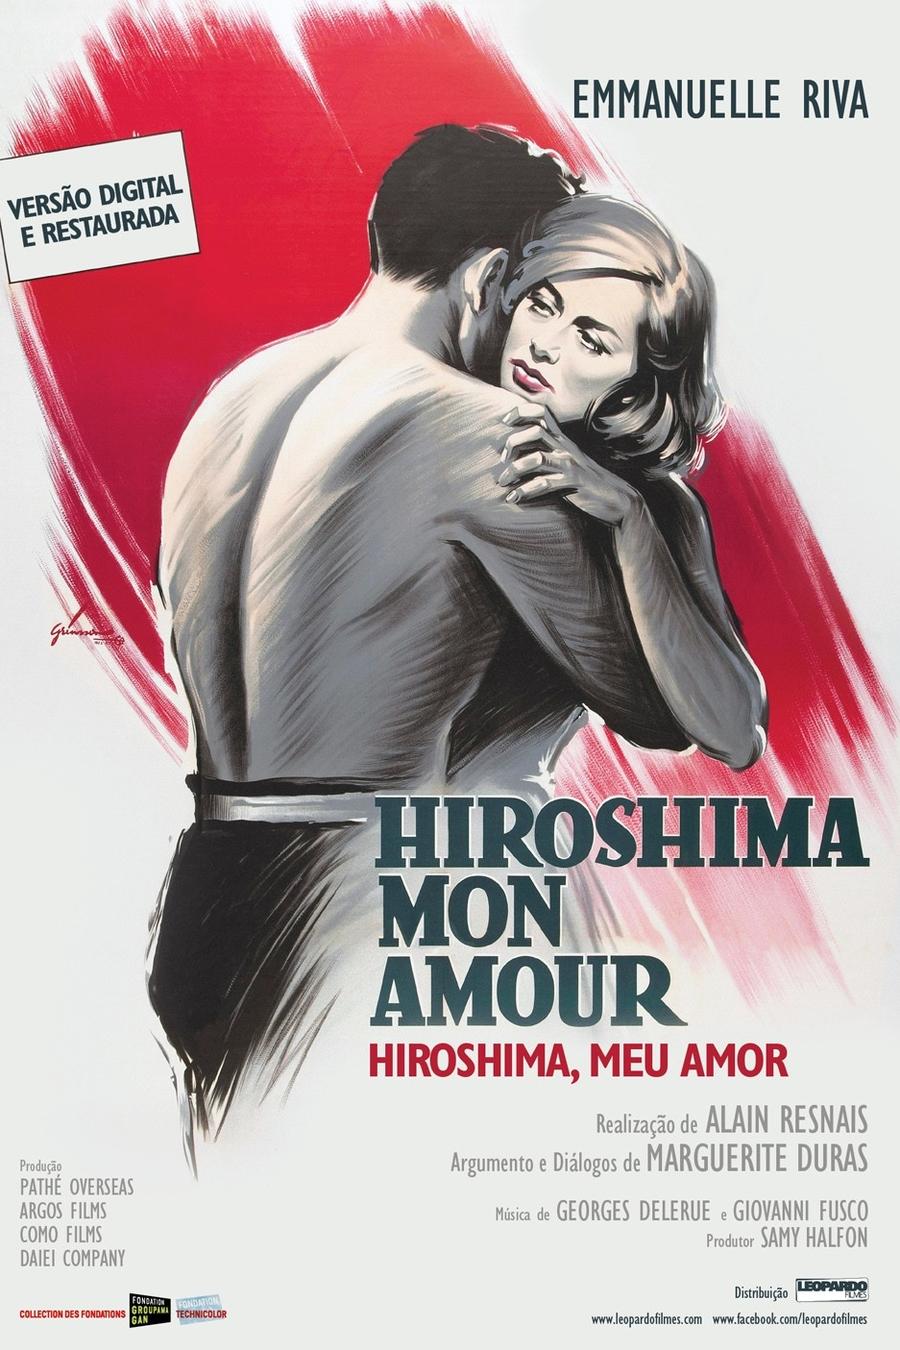 Hiroshima, Meu Amour